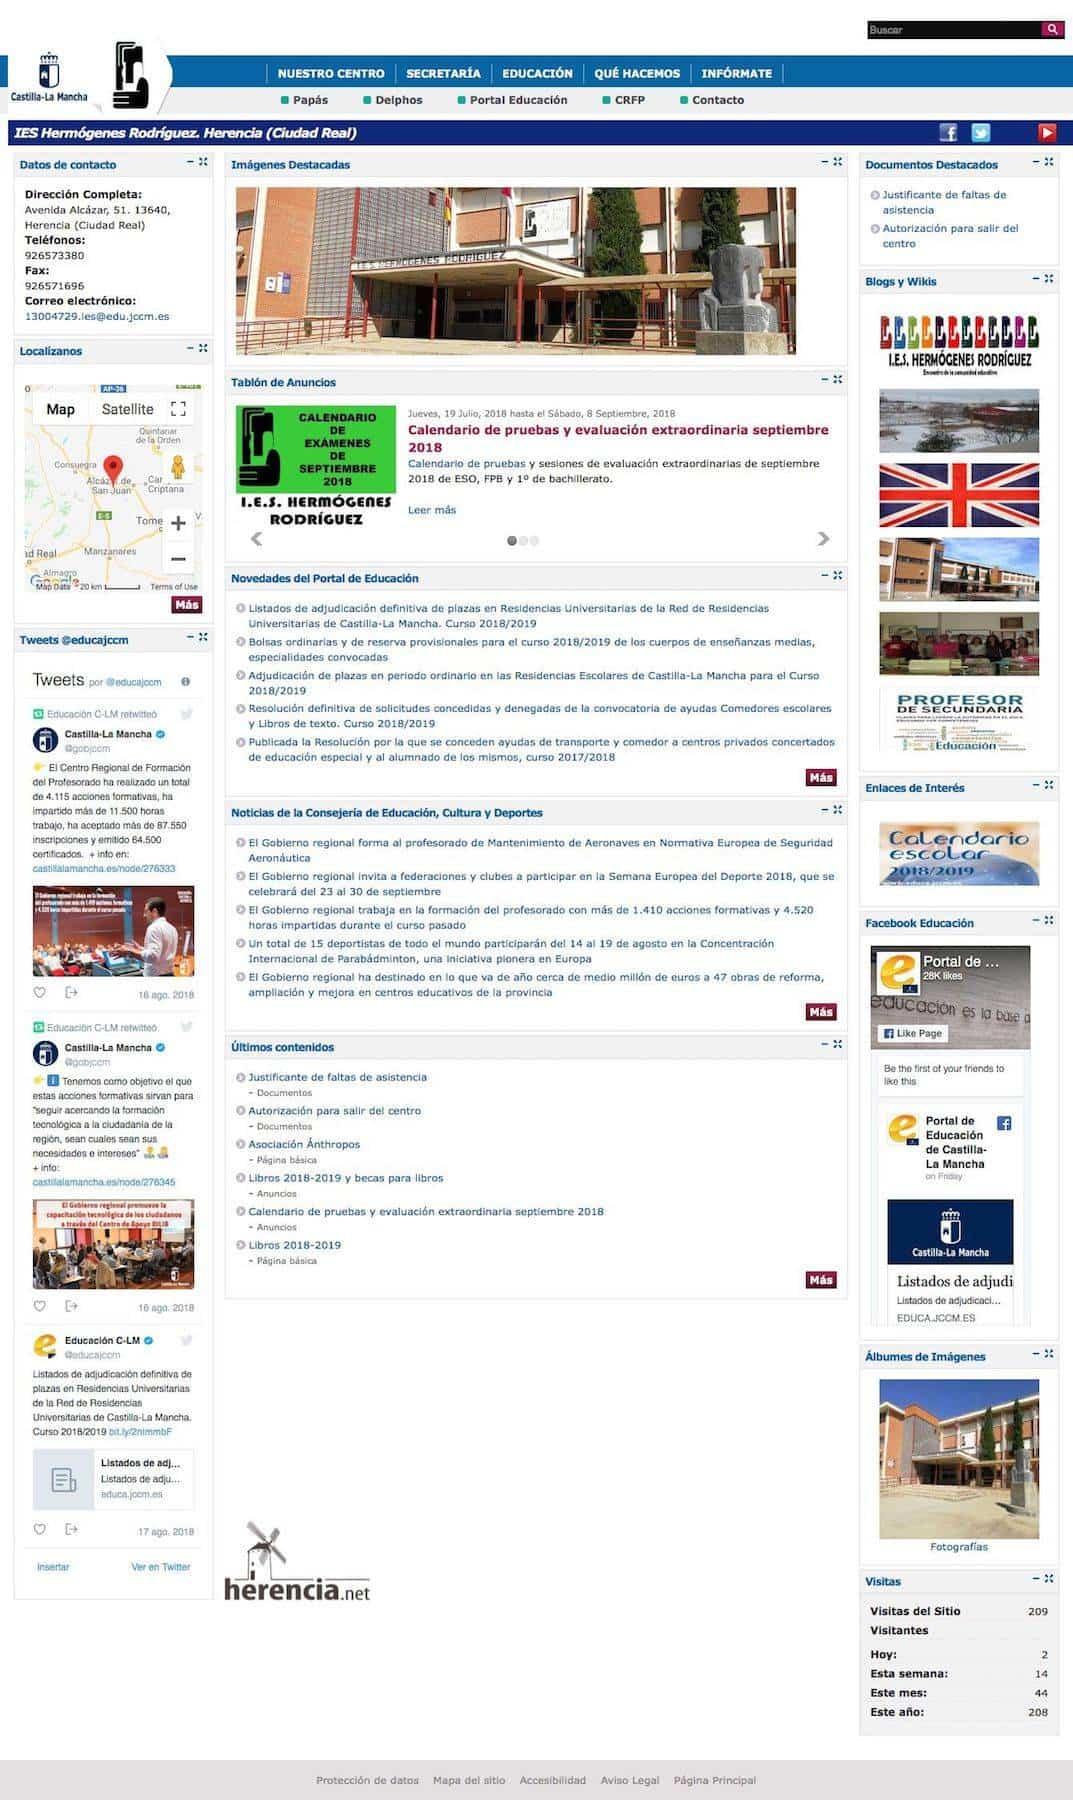 IES Hermógenes Rodríguez ya tiene página web oficial 3